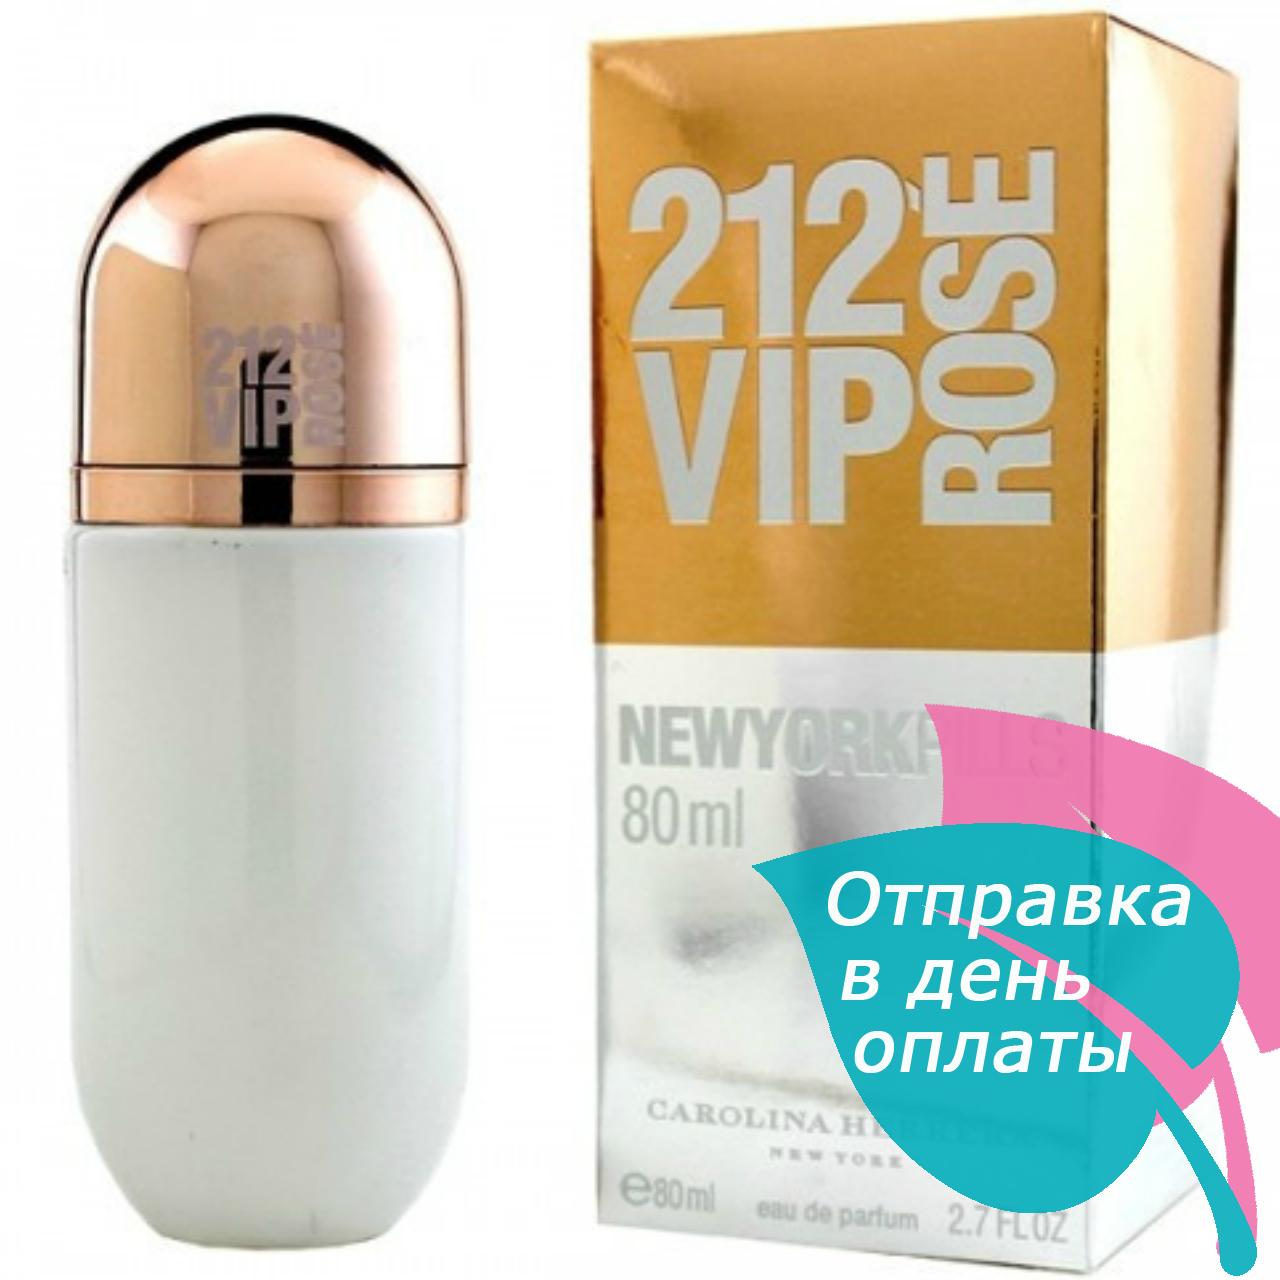 Женская парфюмированная вода Carolina Herrera 212 VIP Rose New York Pills, 80 мл